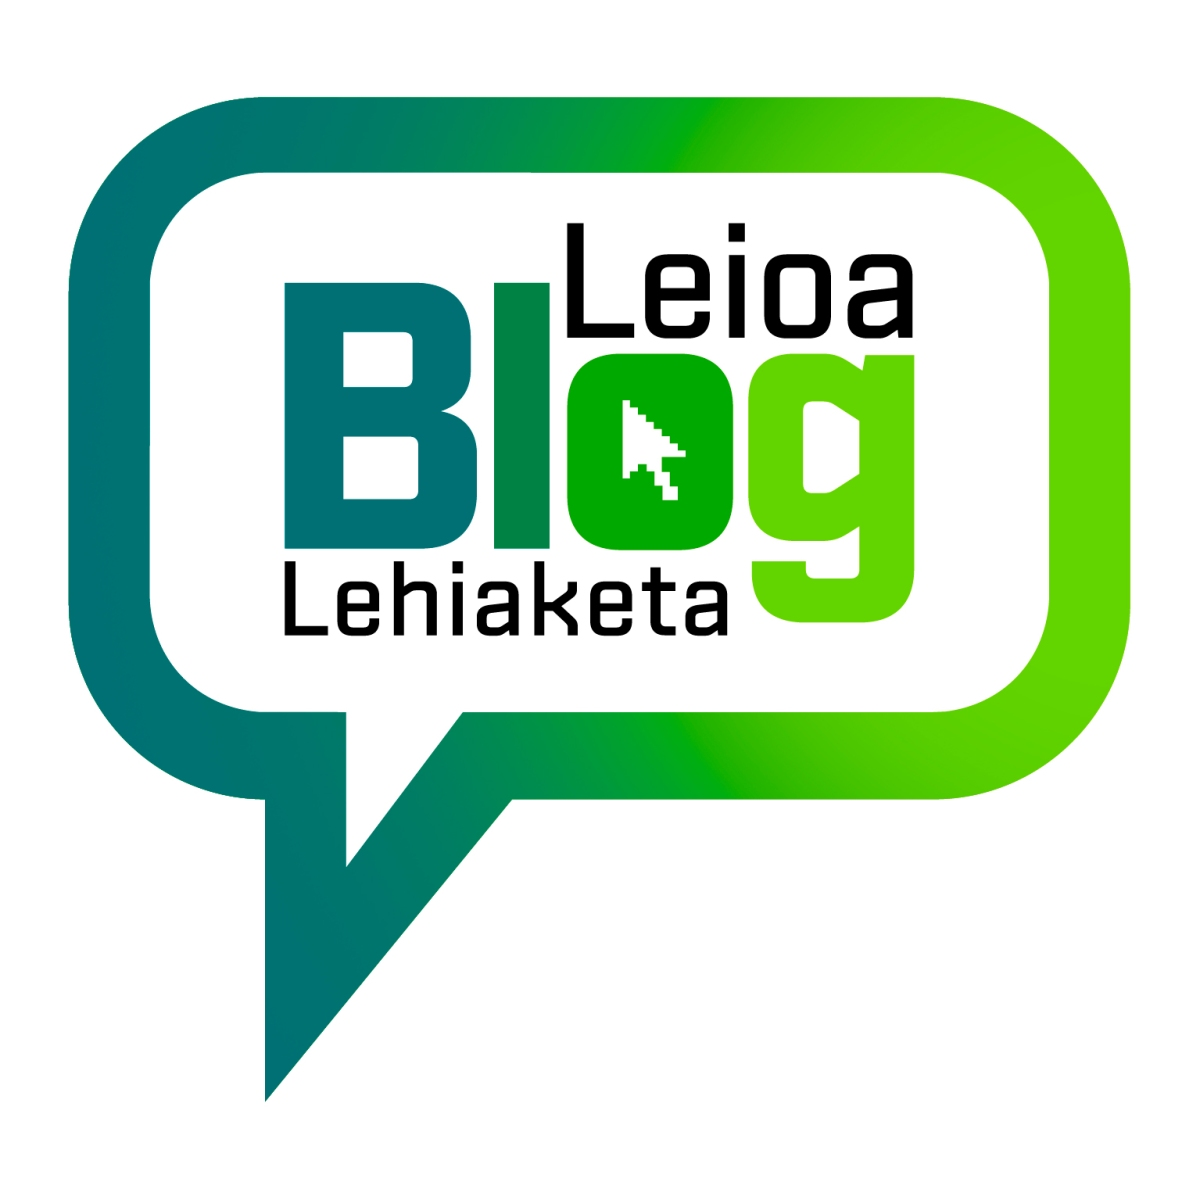 Resultado de imagen de leioa blog lehiaketa